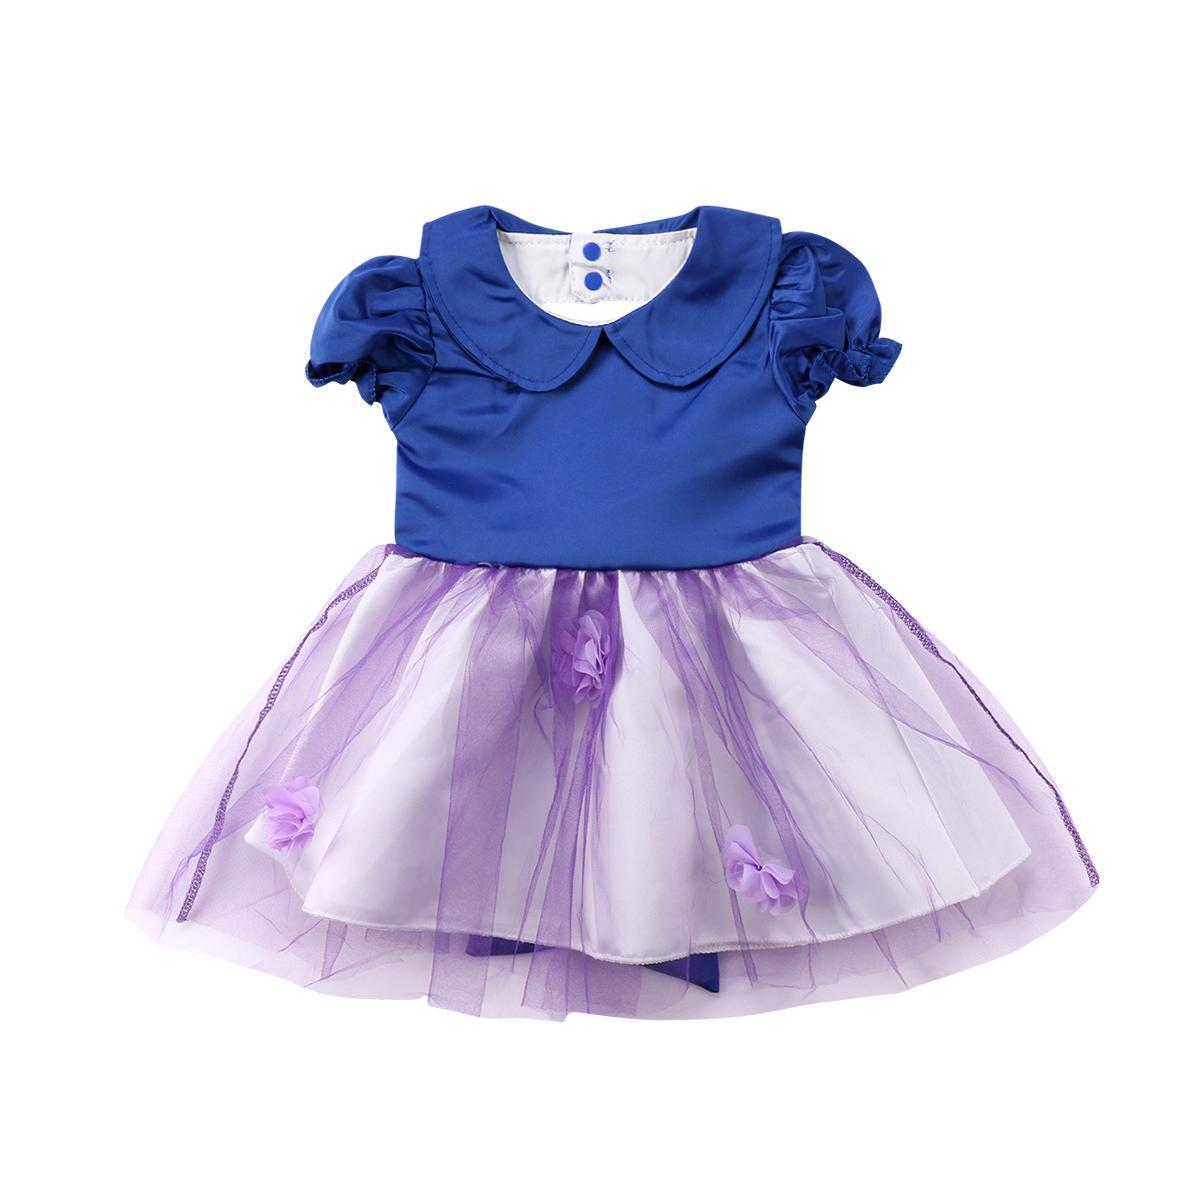 Infantil Sirsaca Partido deshierbe princesa de la niña de baile formal sin respaldo ropa de vestir de la manga corta de encaje balón vestido de los vestidos Sólido